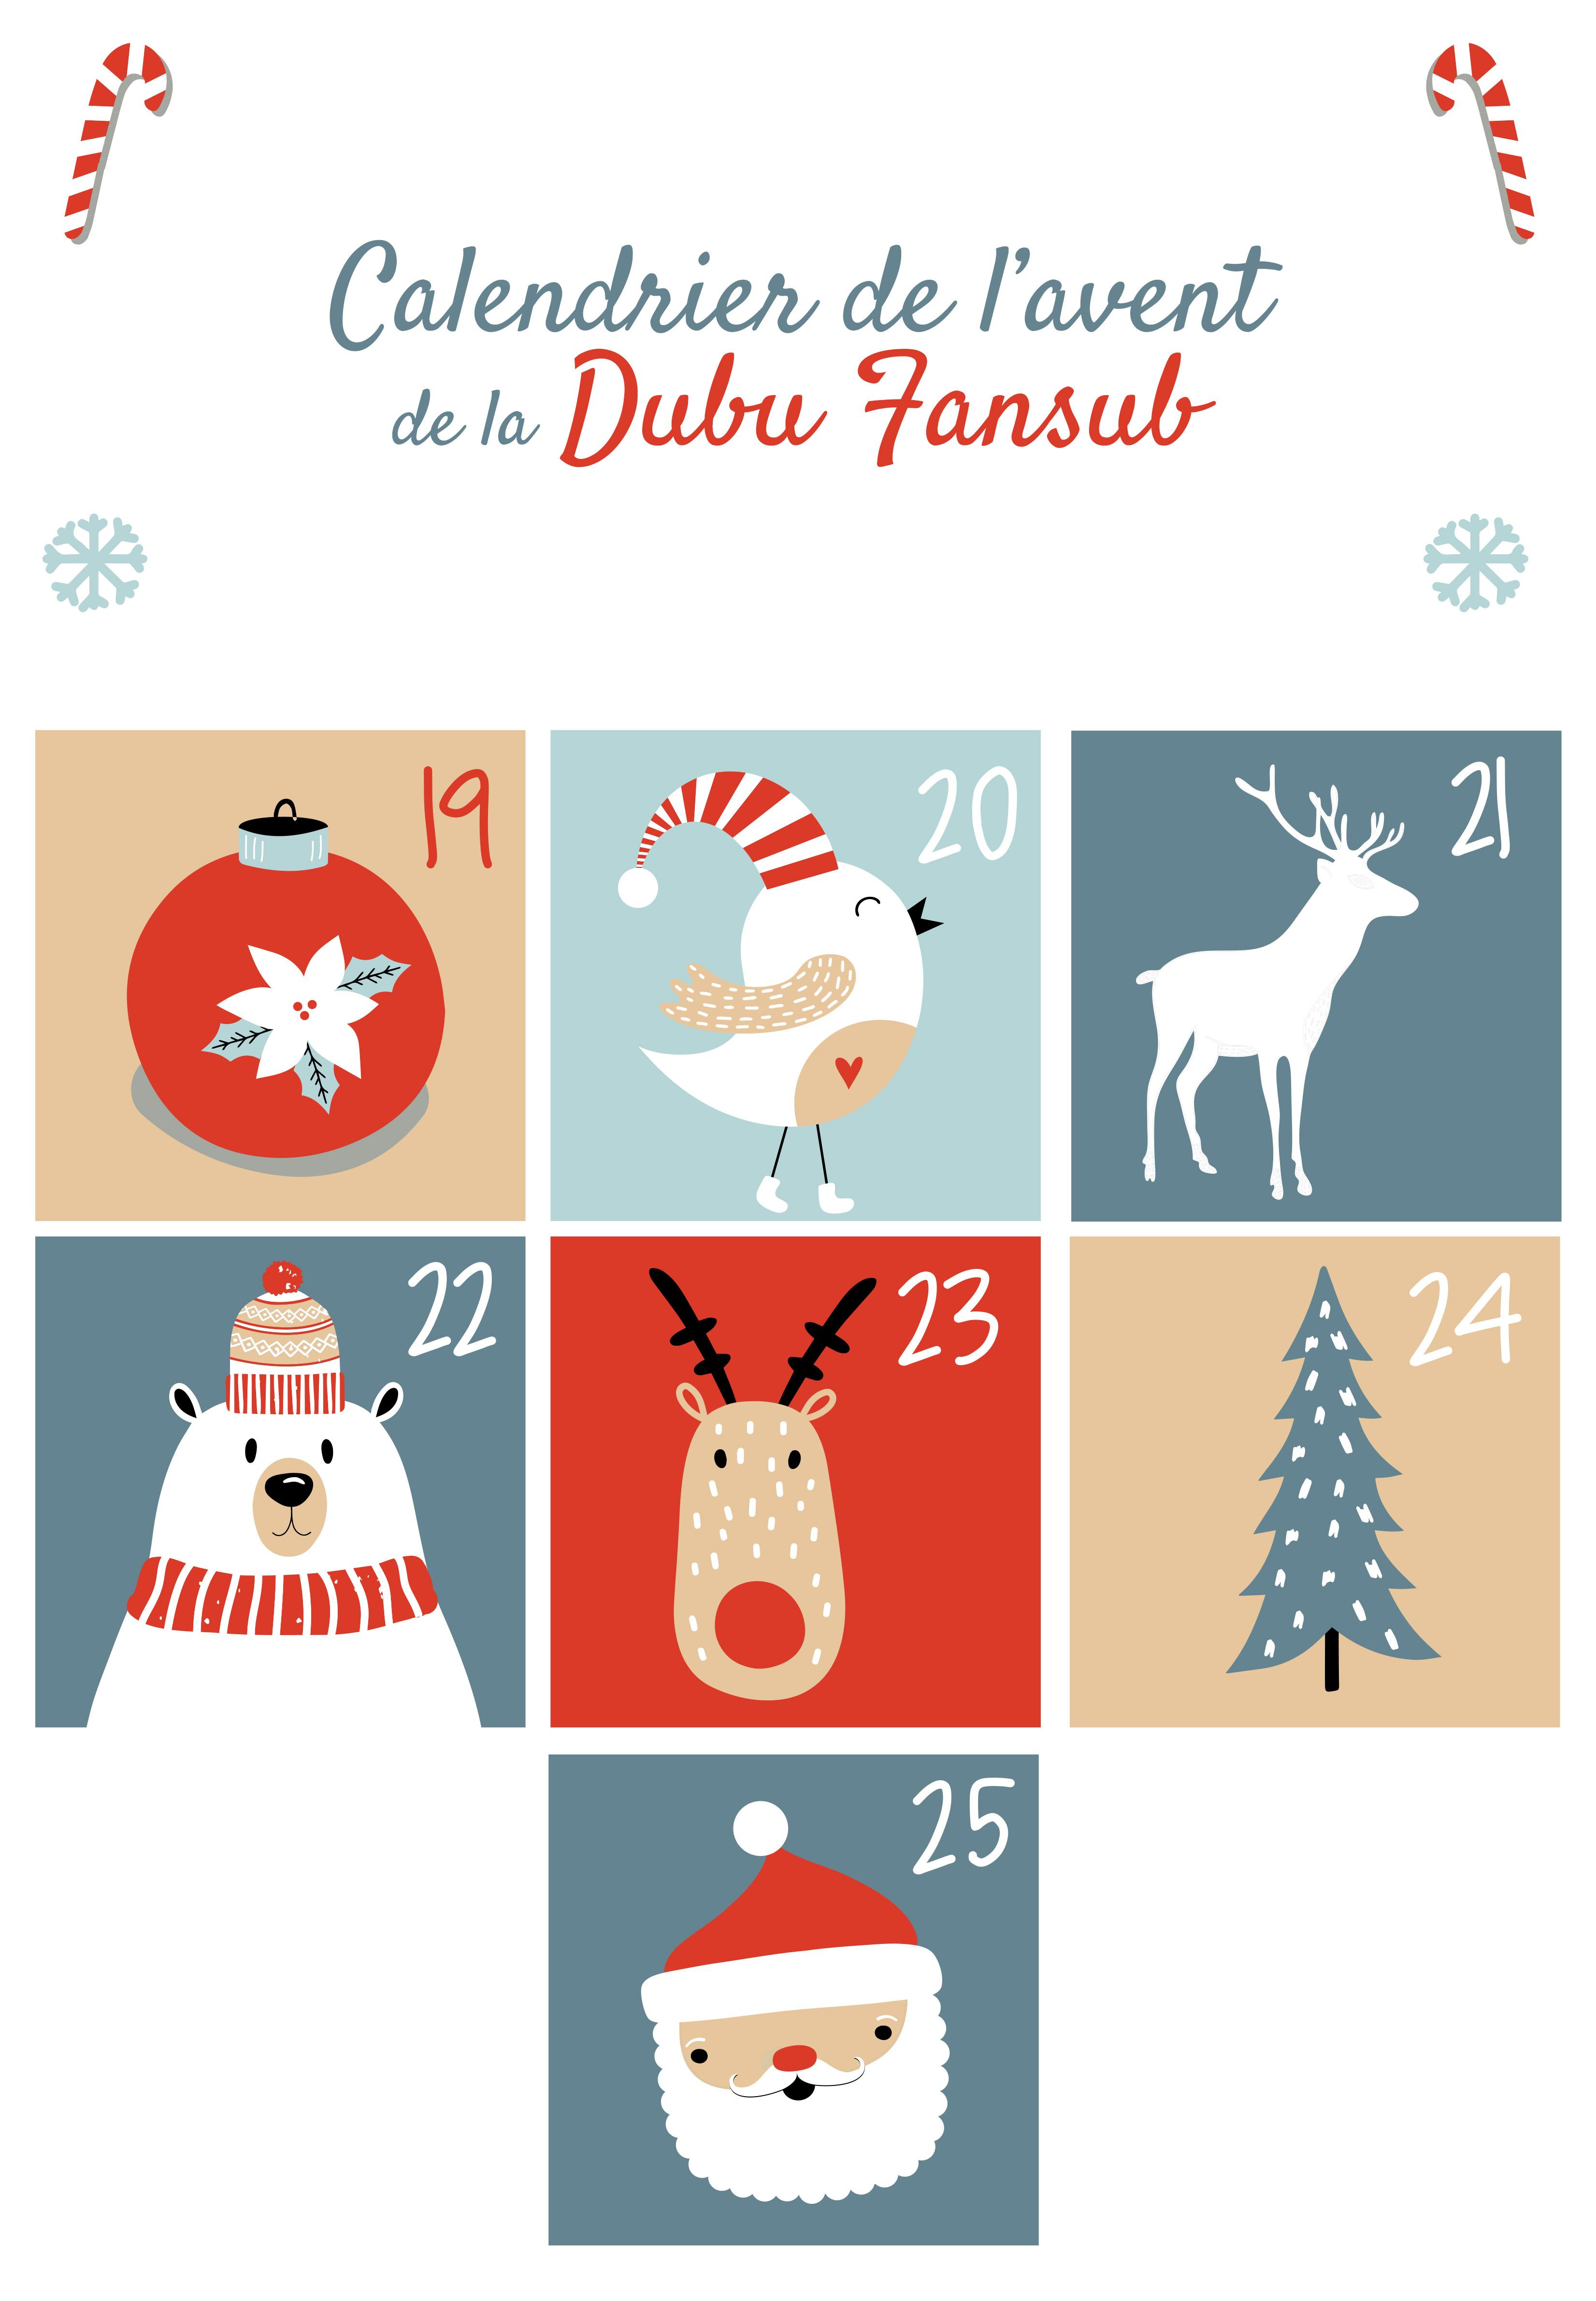 calendrier-2016-dubu-fansub